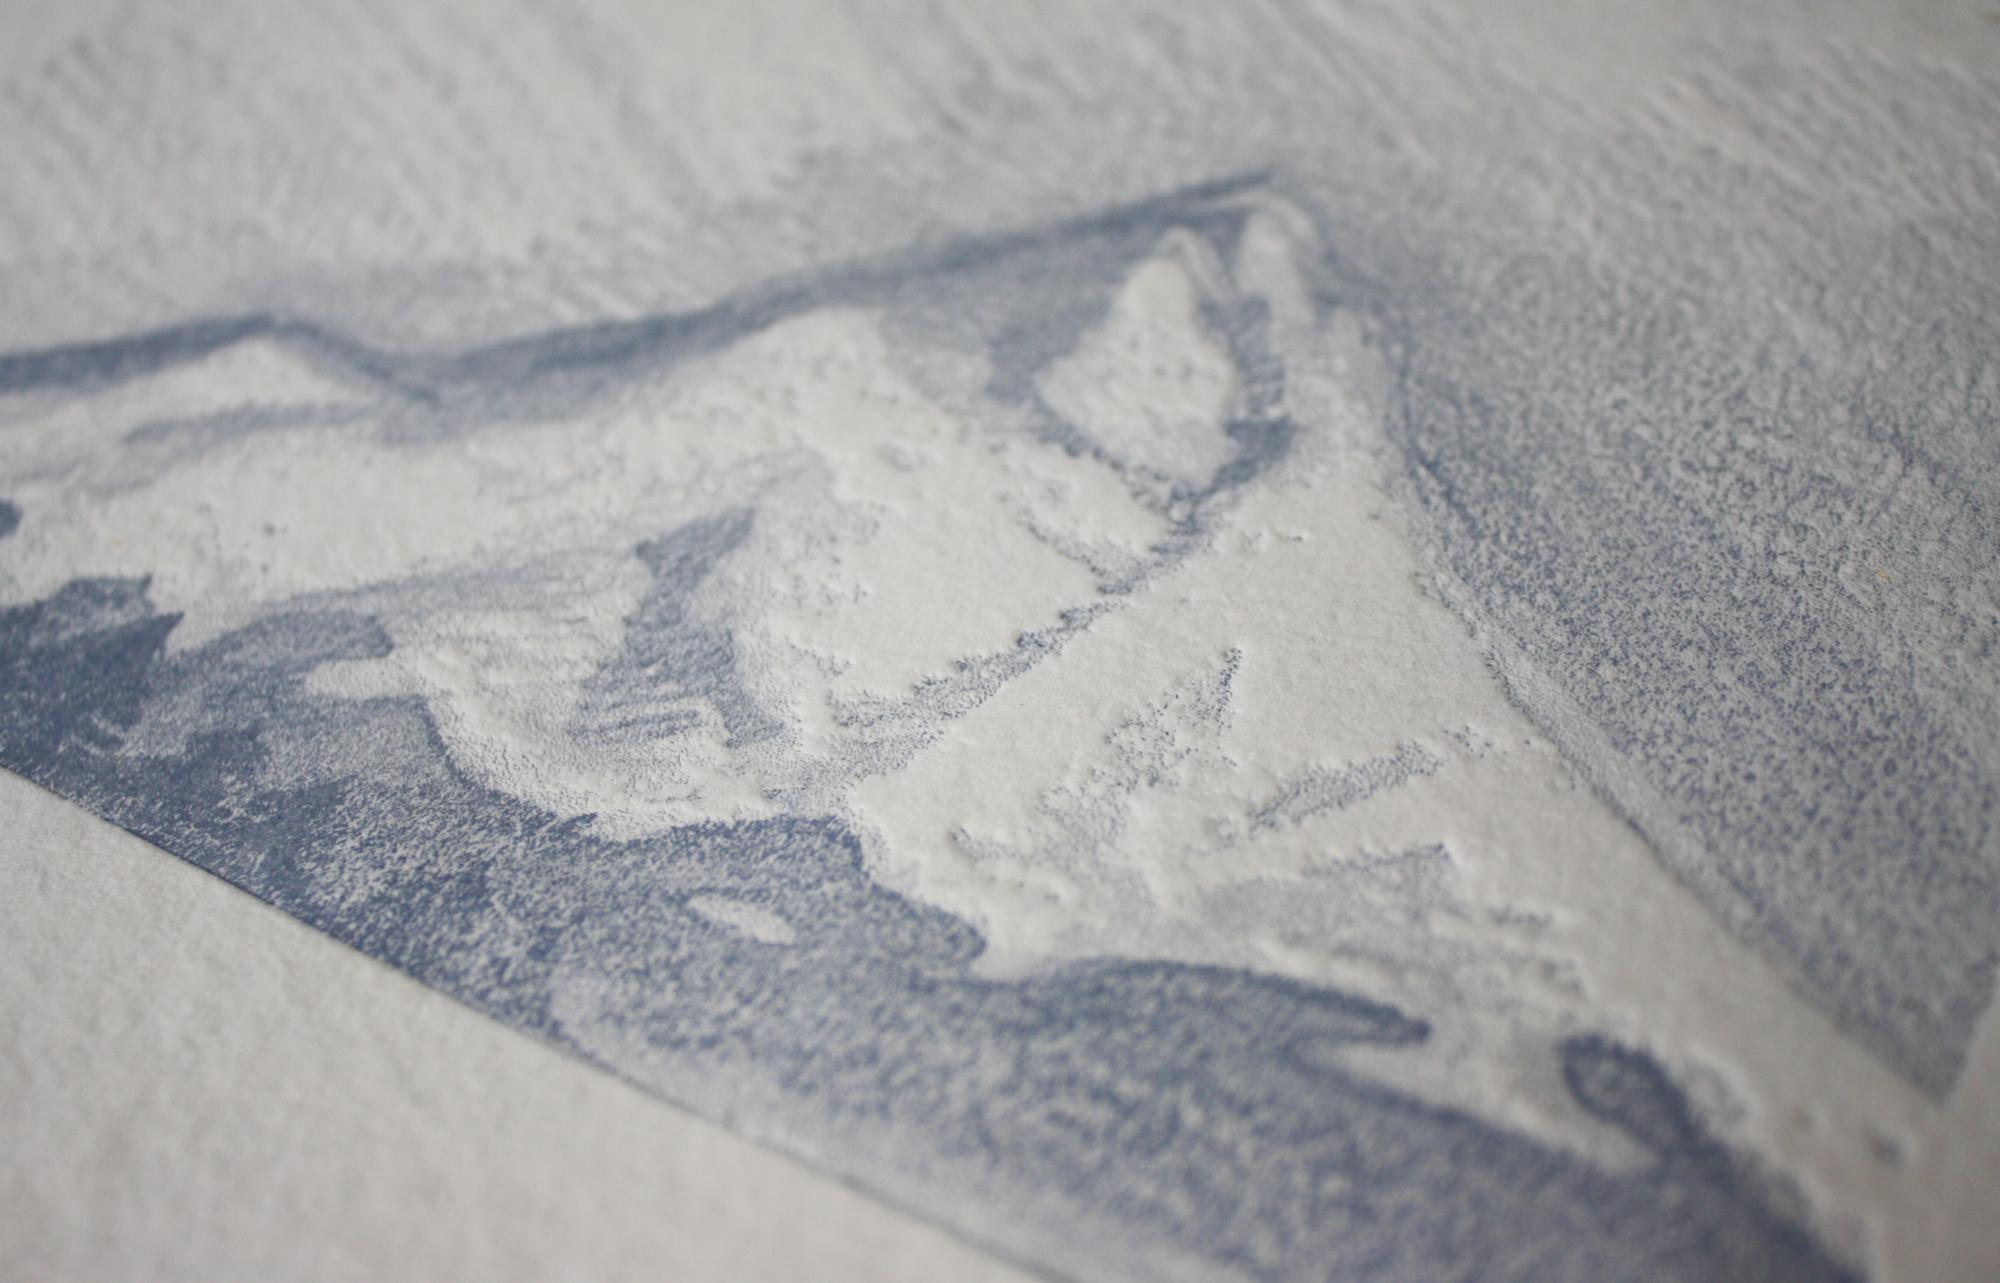 Detail : Mount Hood